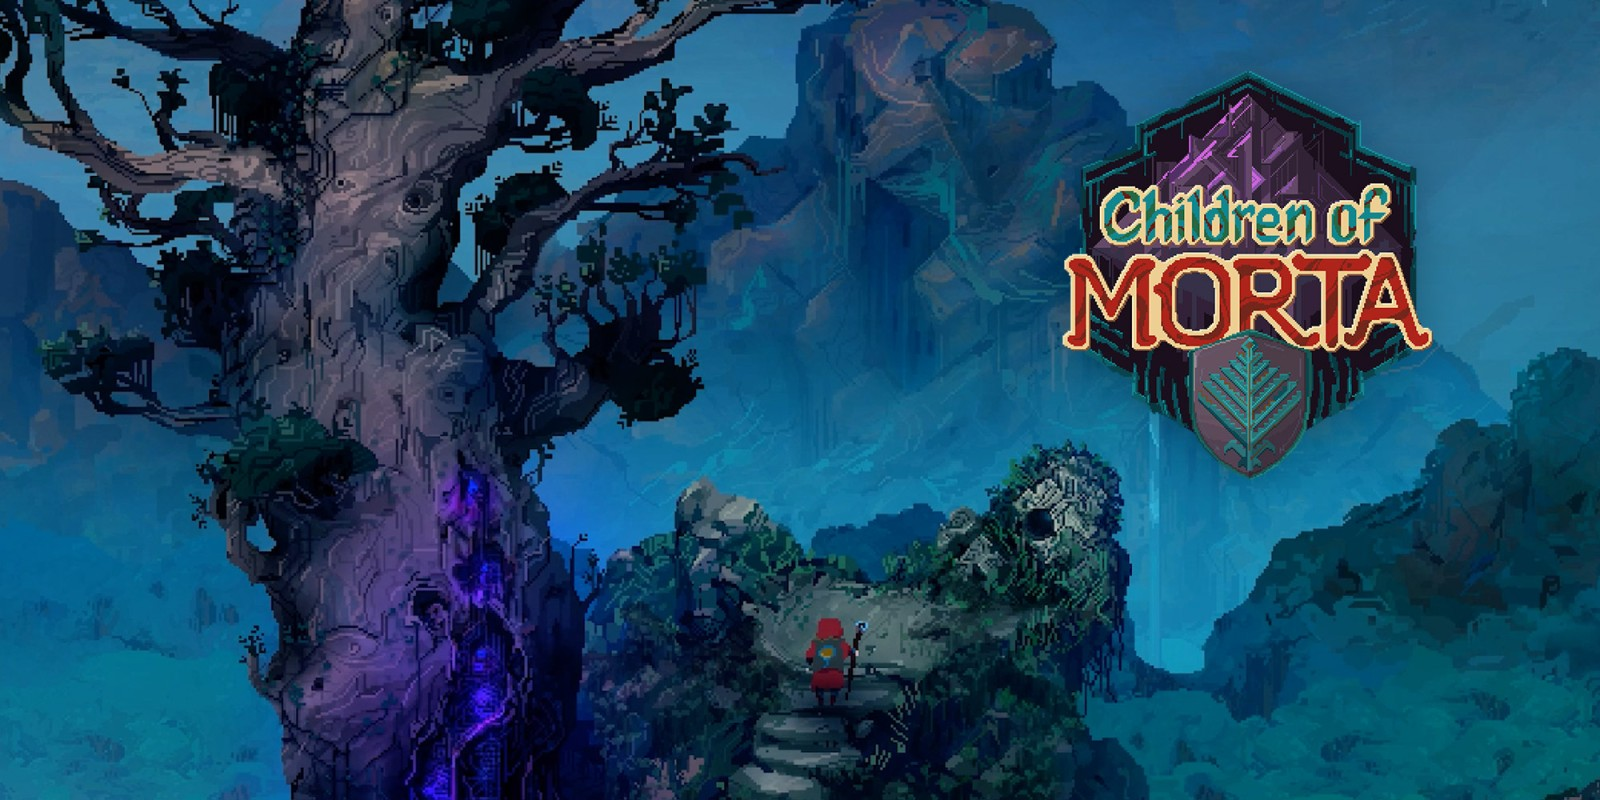 [Switch] Children of Morta terá um lançamento físico pela Merge Games; Preço do jogo revelado